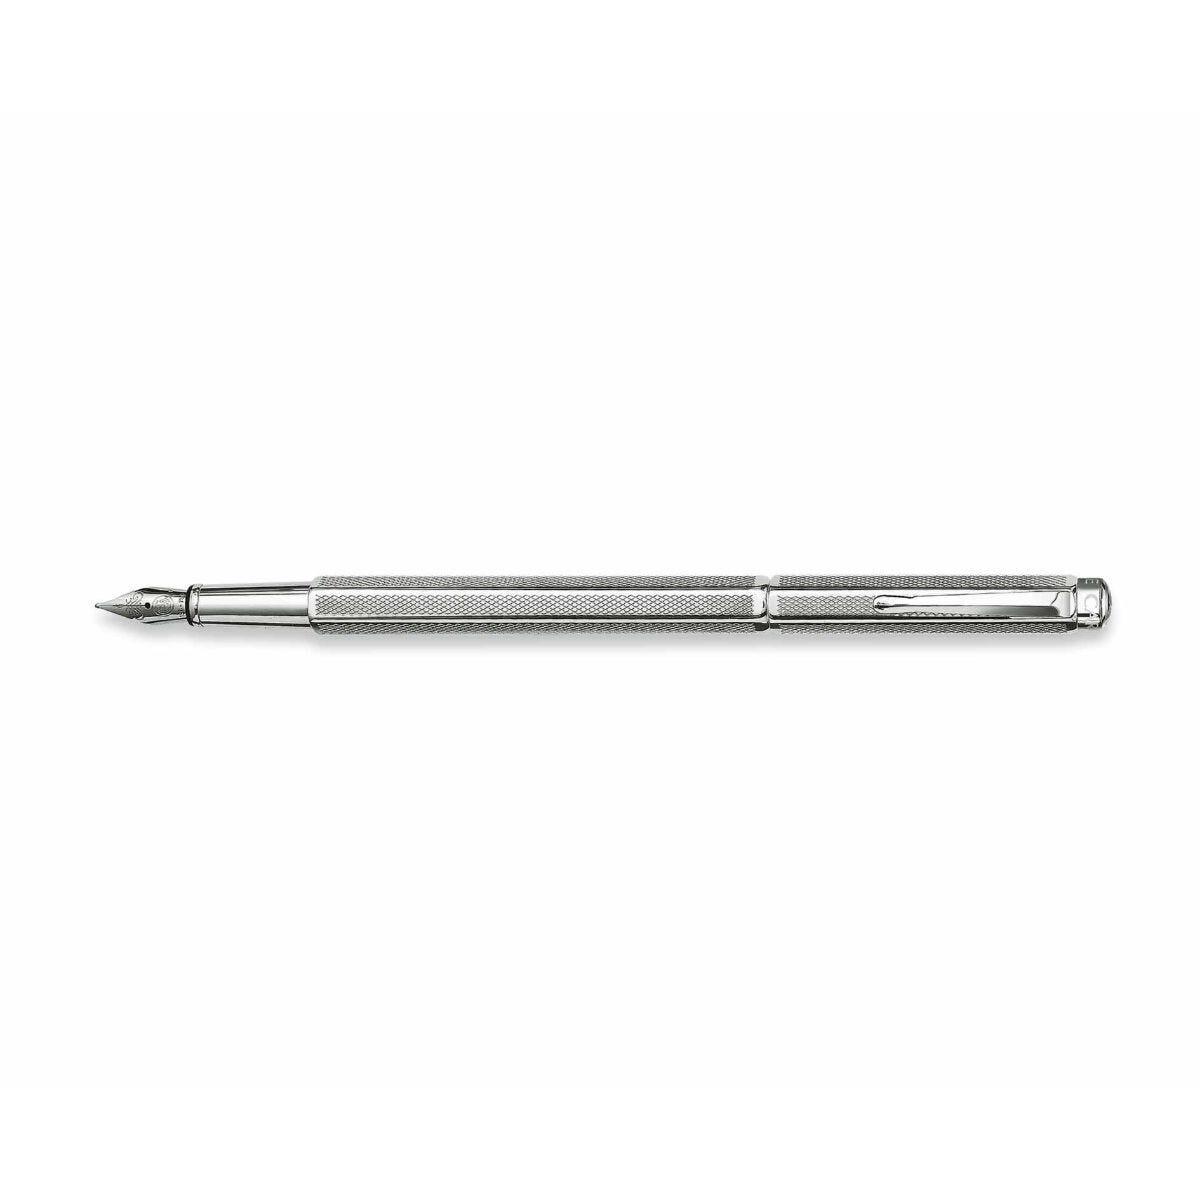 Caran d Ache Ecridor Retro Fountain Pen Steel